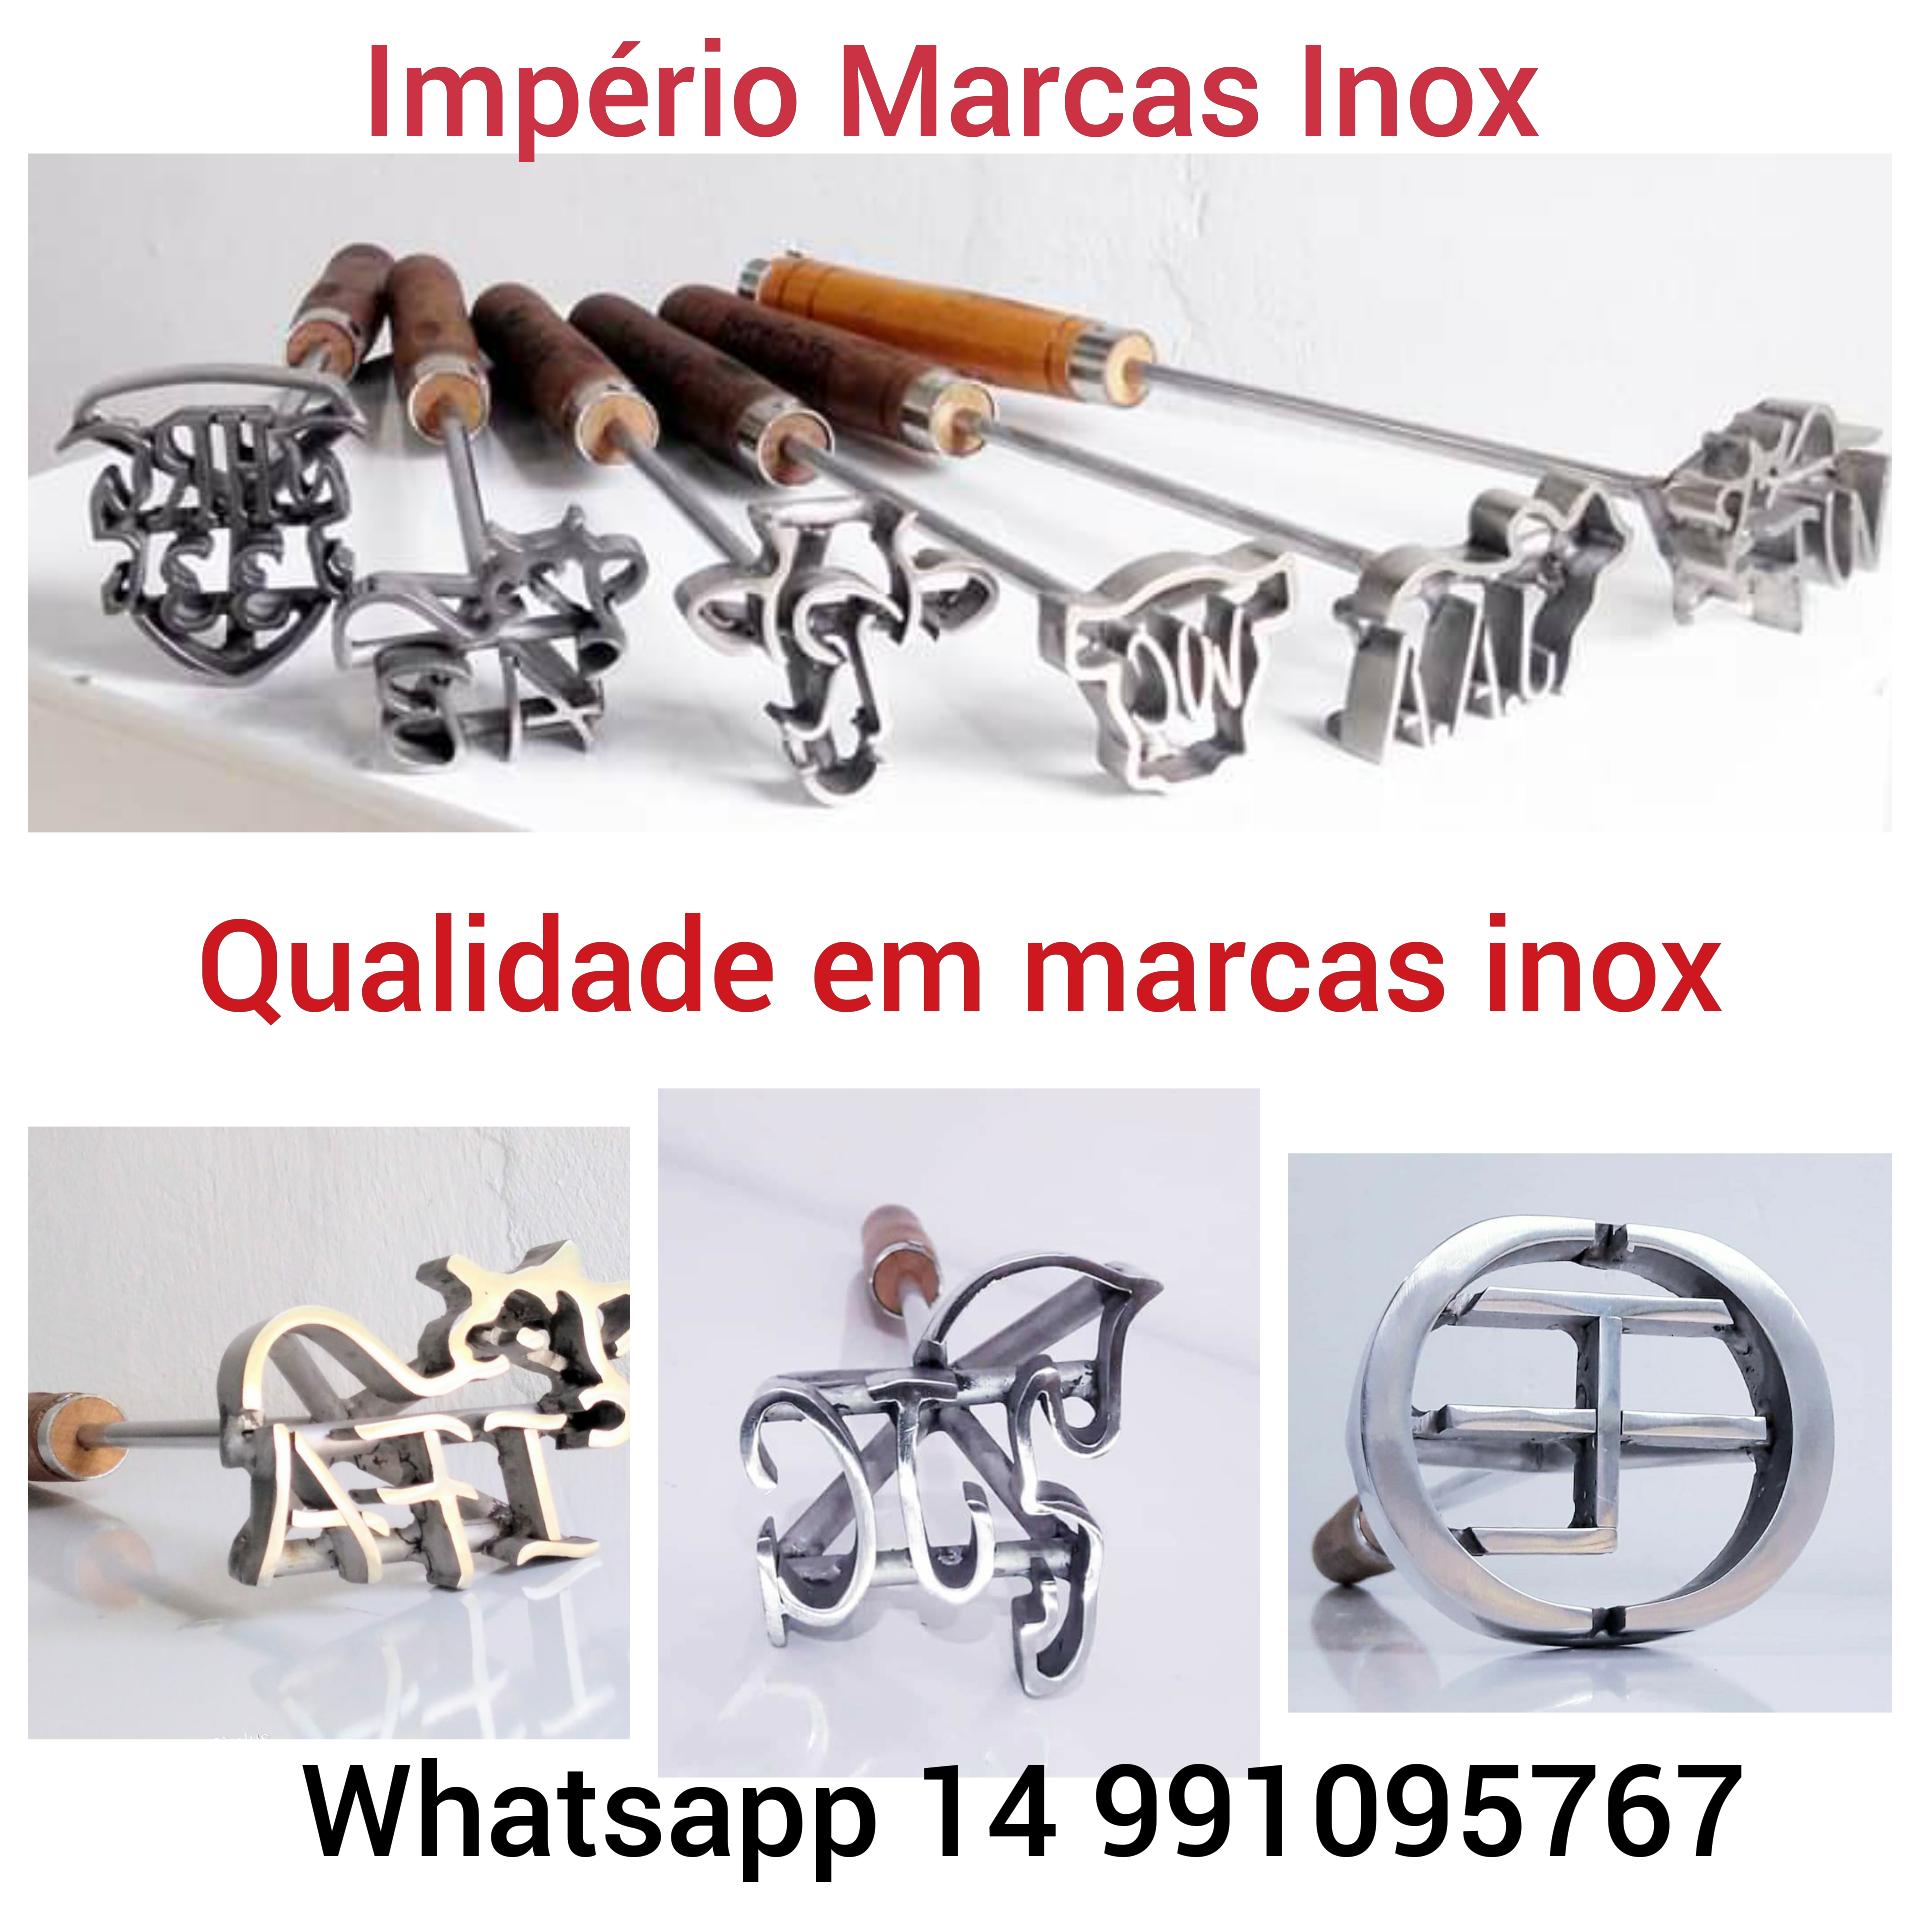 Venda de MARCA DE GADO INOX